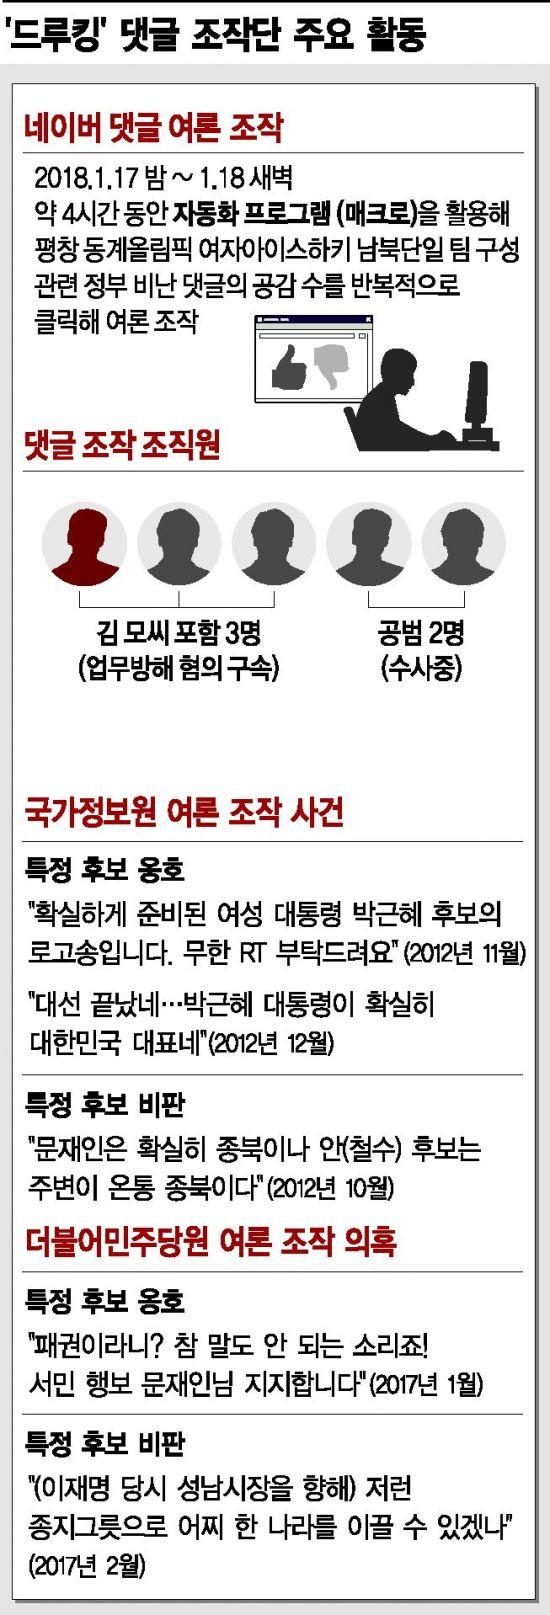 [단독]드루킹, 19대 대선때도 추천·댓글 활동…국정원 사건 수법 '판박이'